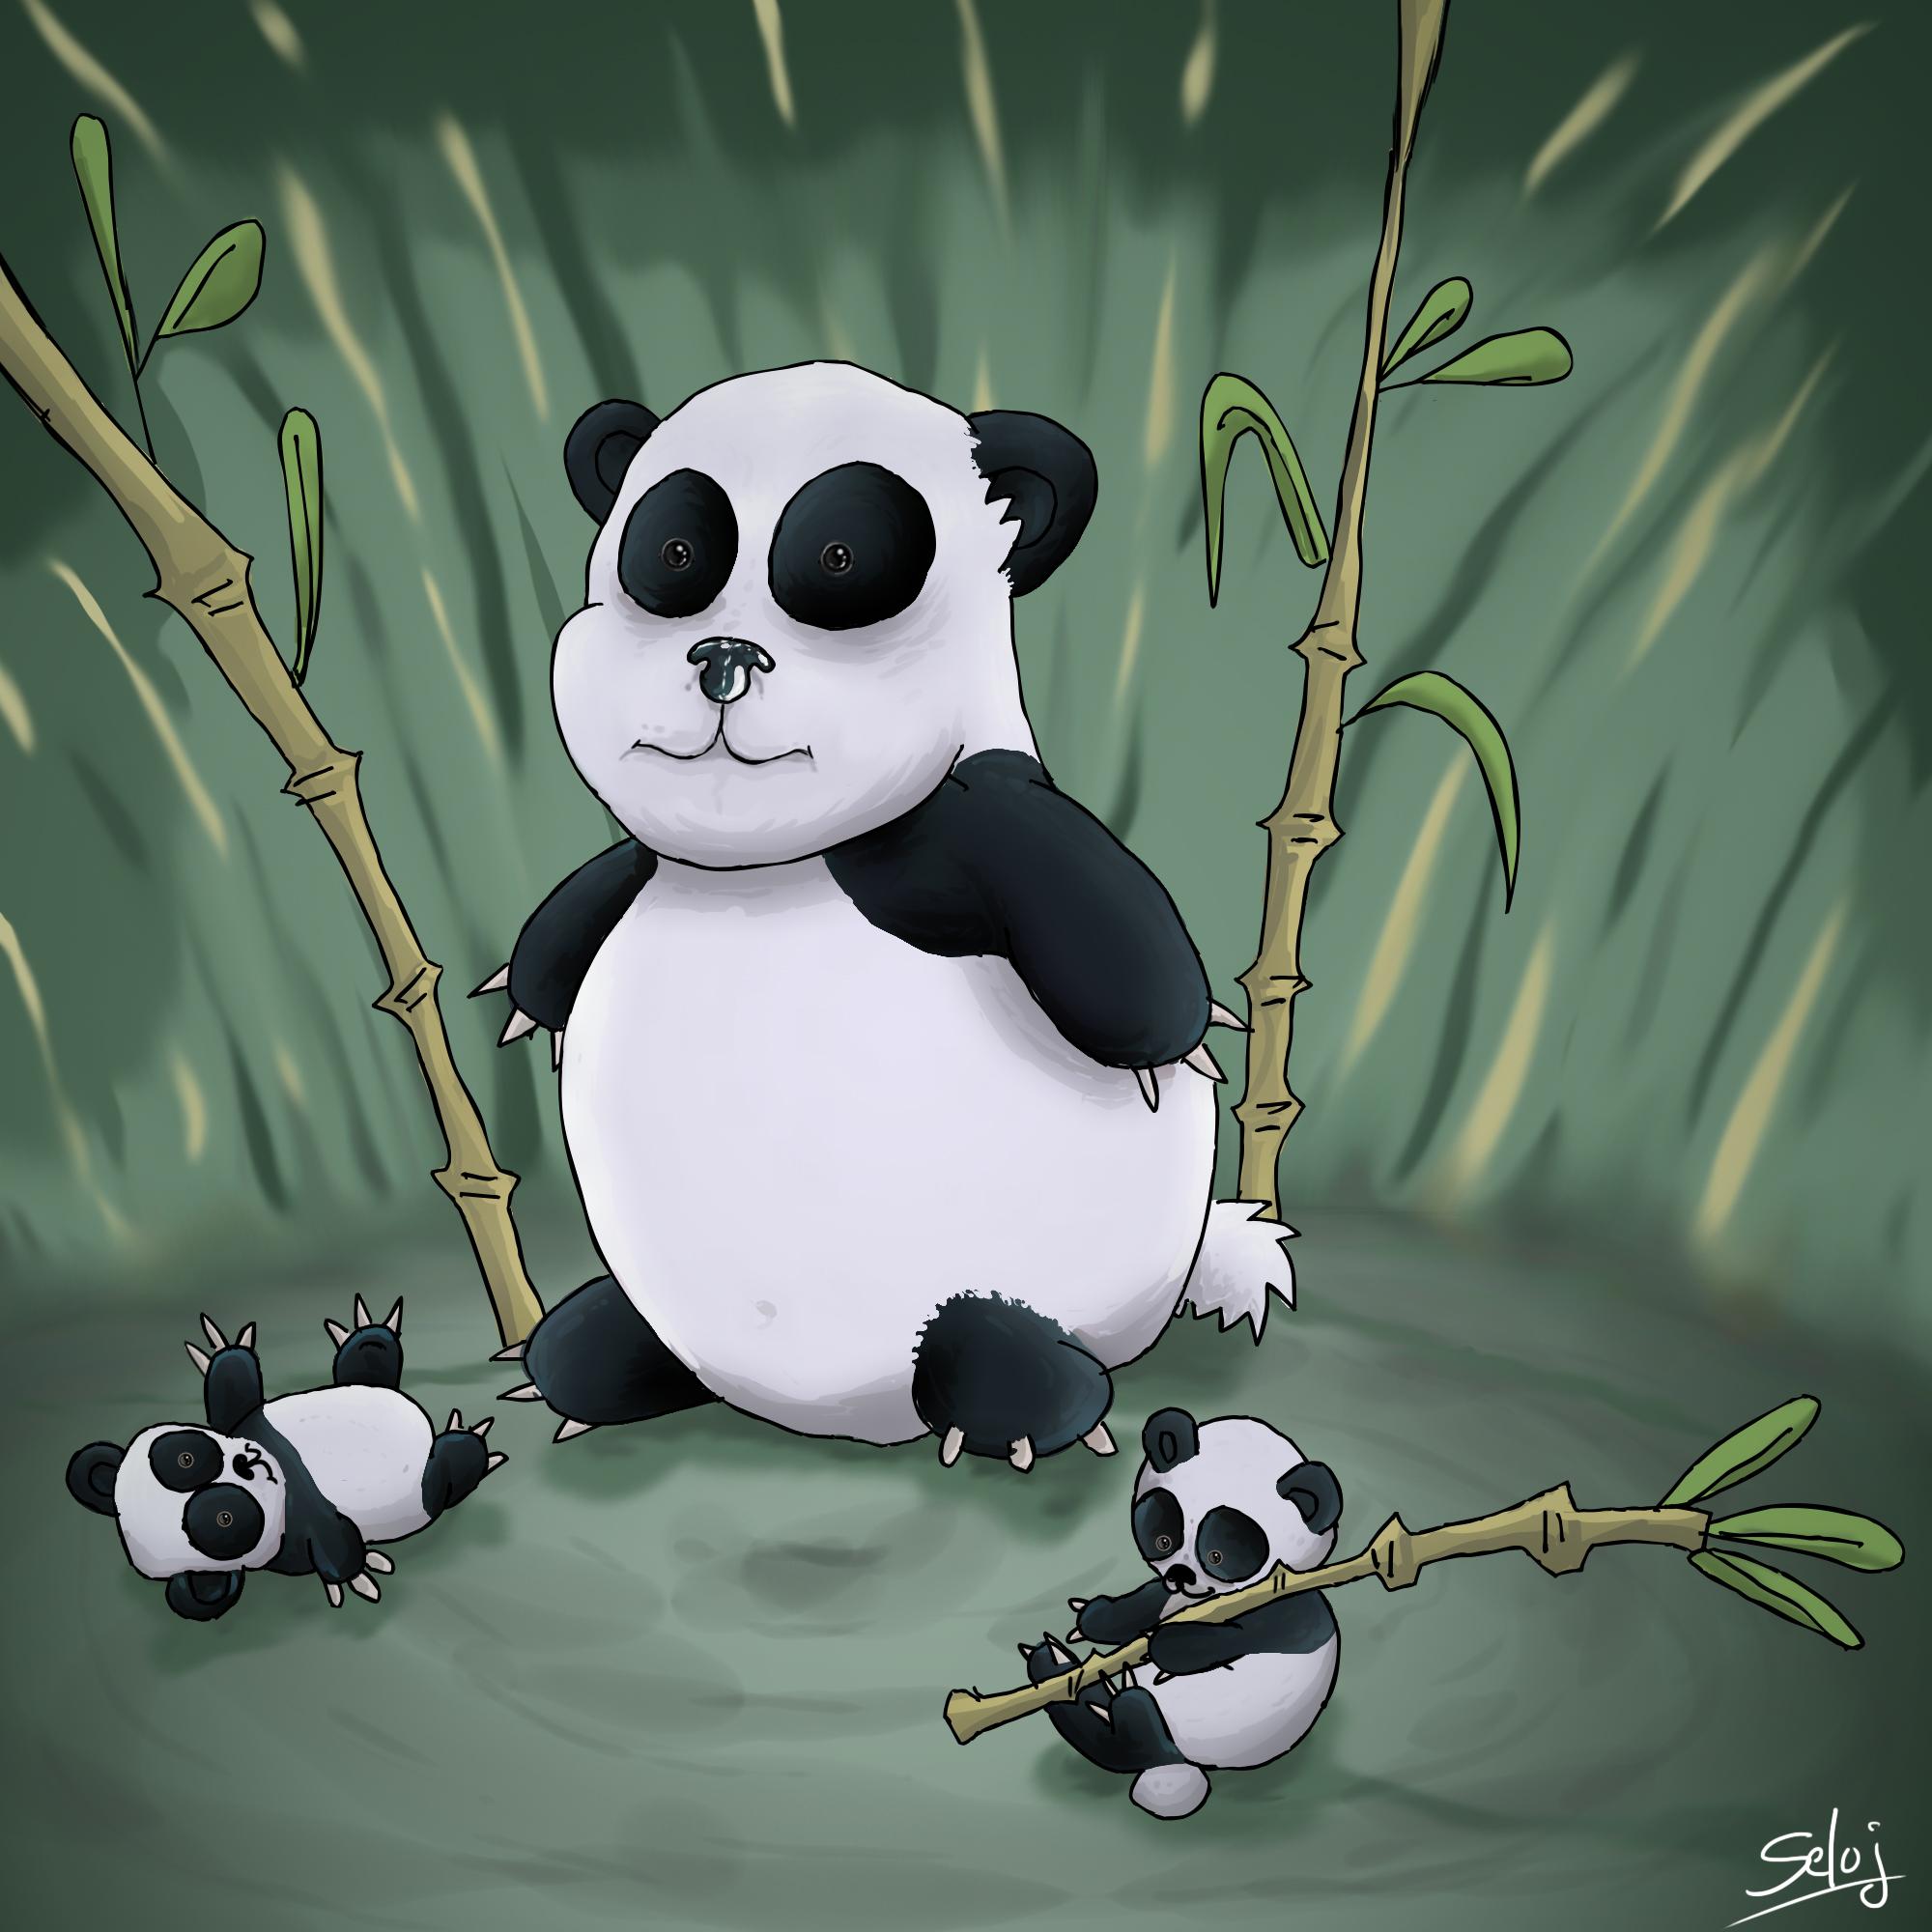 Panda et ses petits tout mignons !!